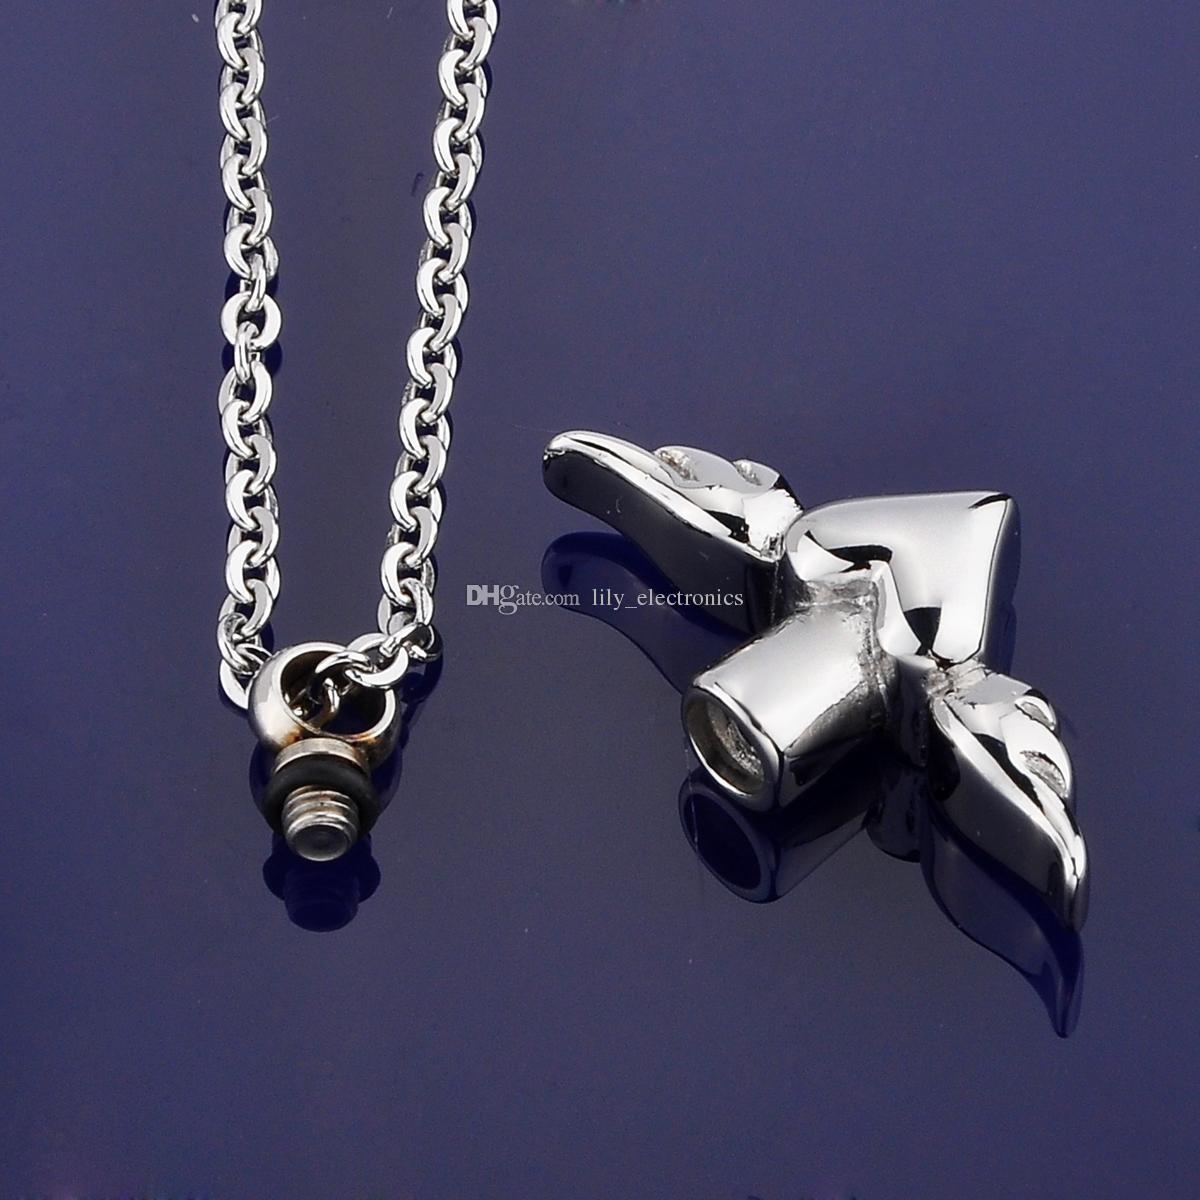 Lily in acciaio inox Angel Wing Charm urna impermeabile pendente Collana Memorial Ash Keepsake cremazione gioielli con sacchetto del regalo e catena